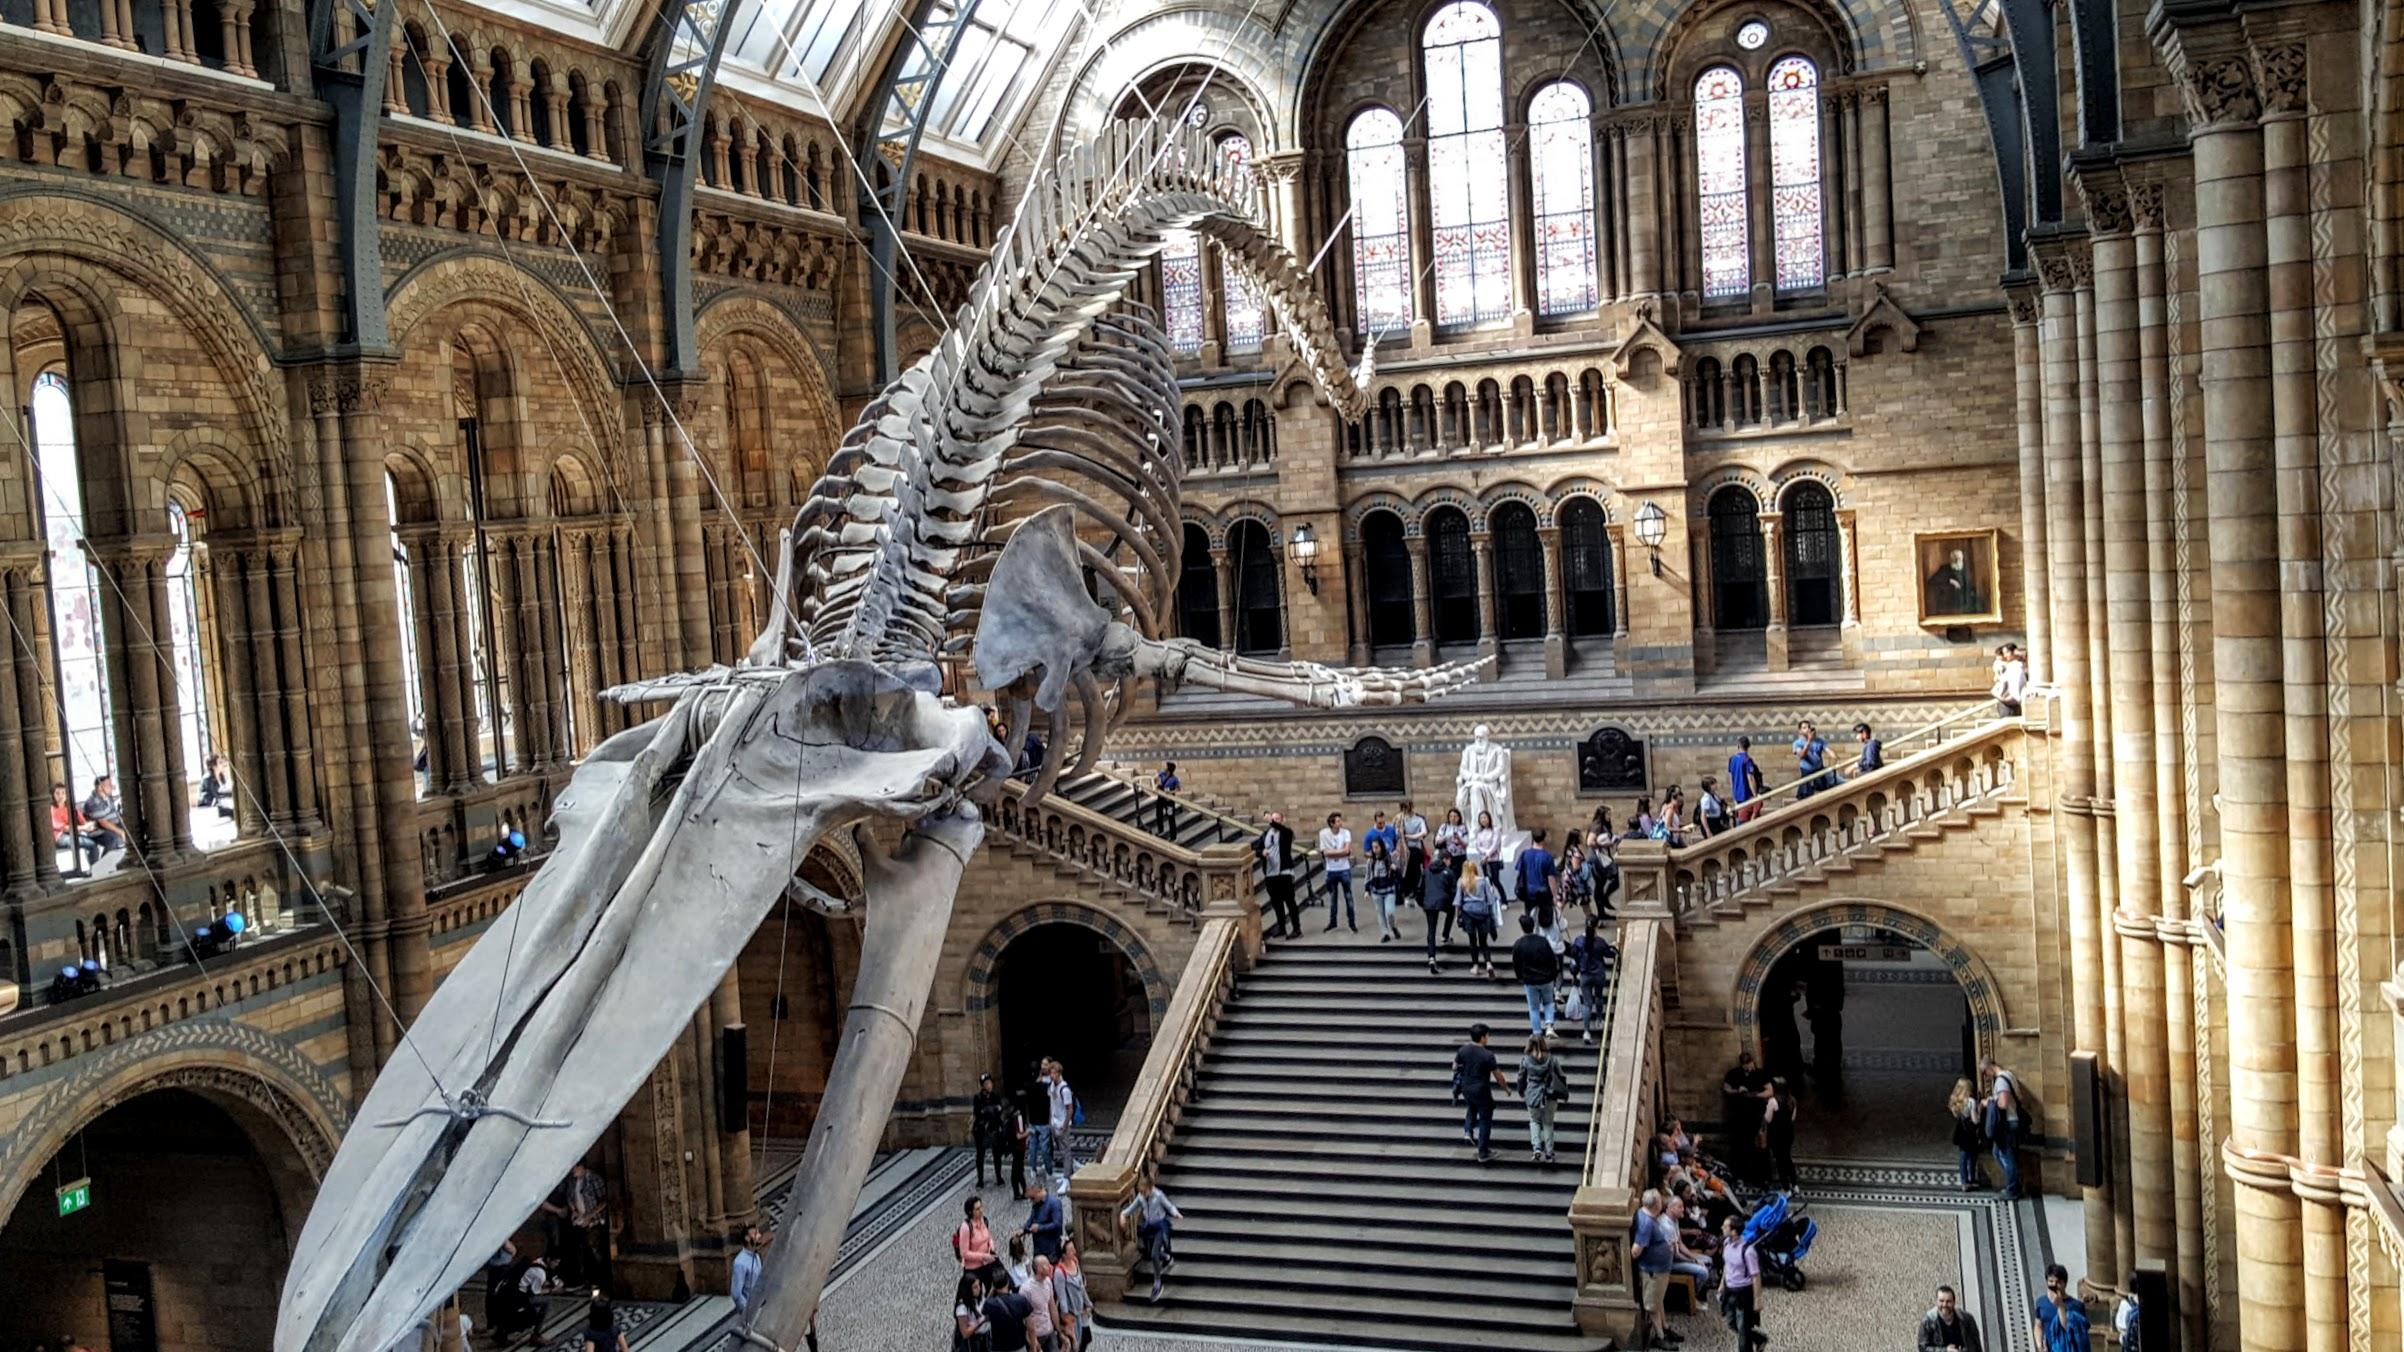 Londra'da gezilecek yerler, müze, çocukla seyahat, irem sunar özat